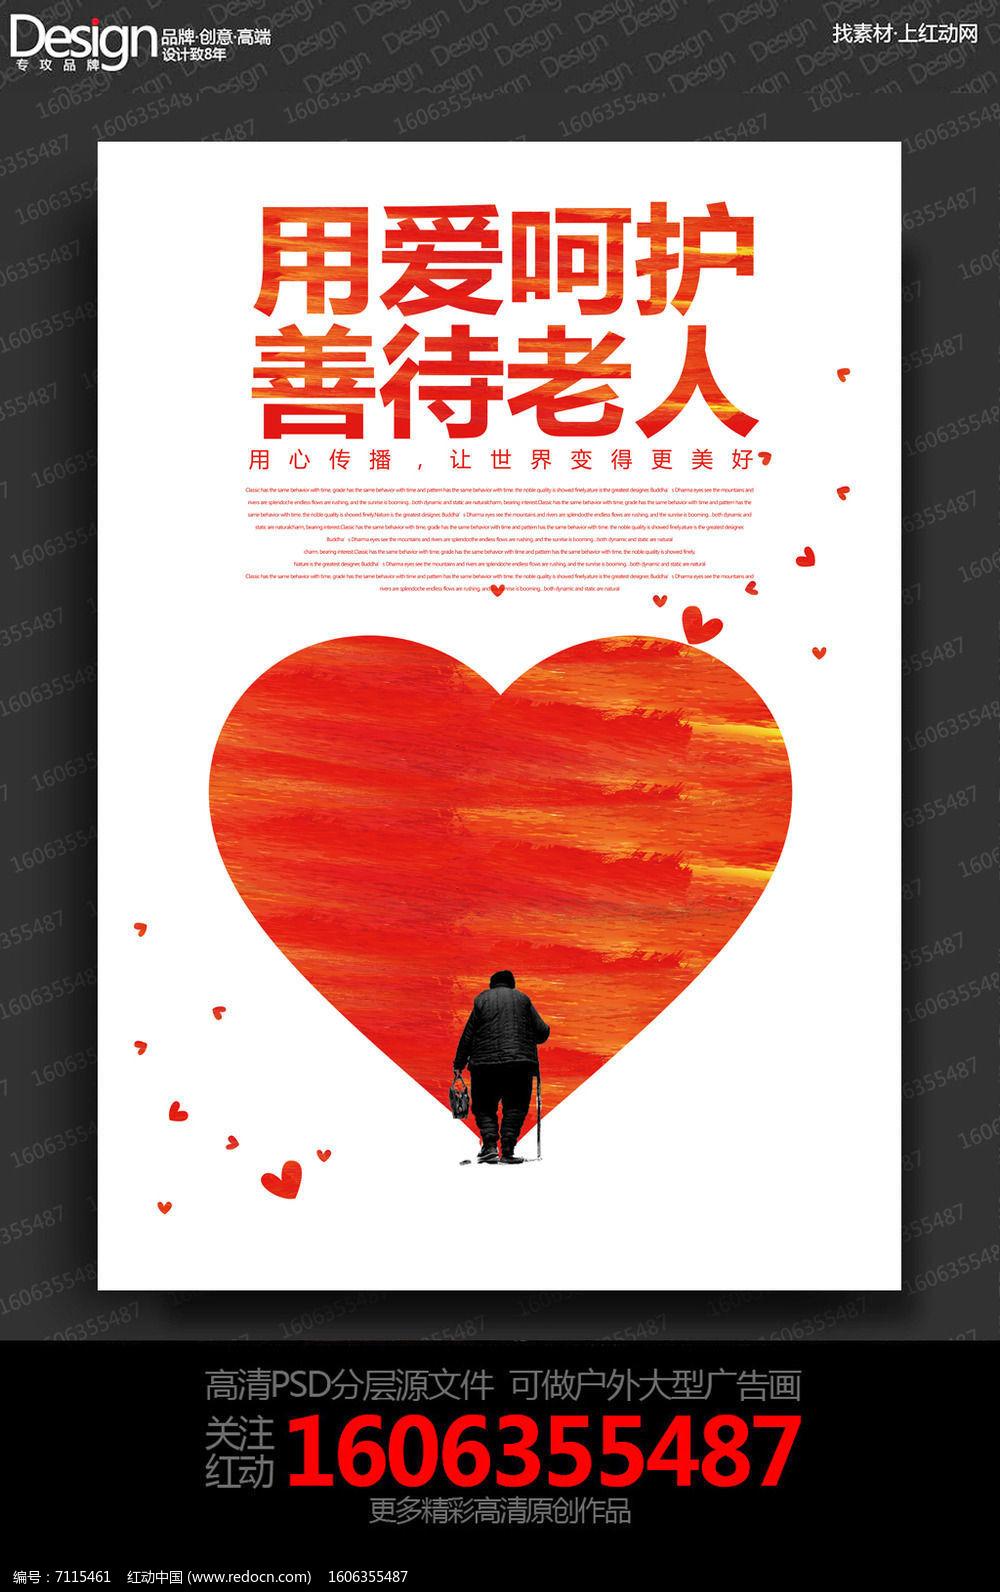 简约关爱老人公益宣传海报设计素材下载 编号7115461 红动网图片